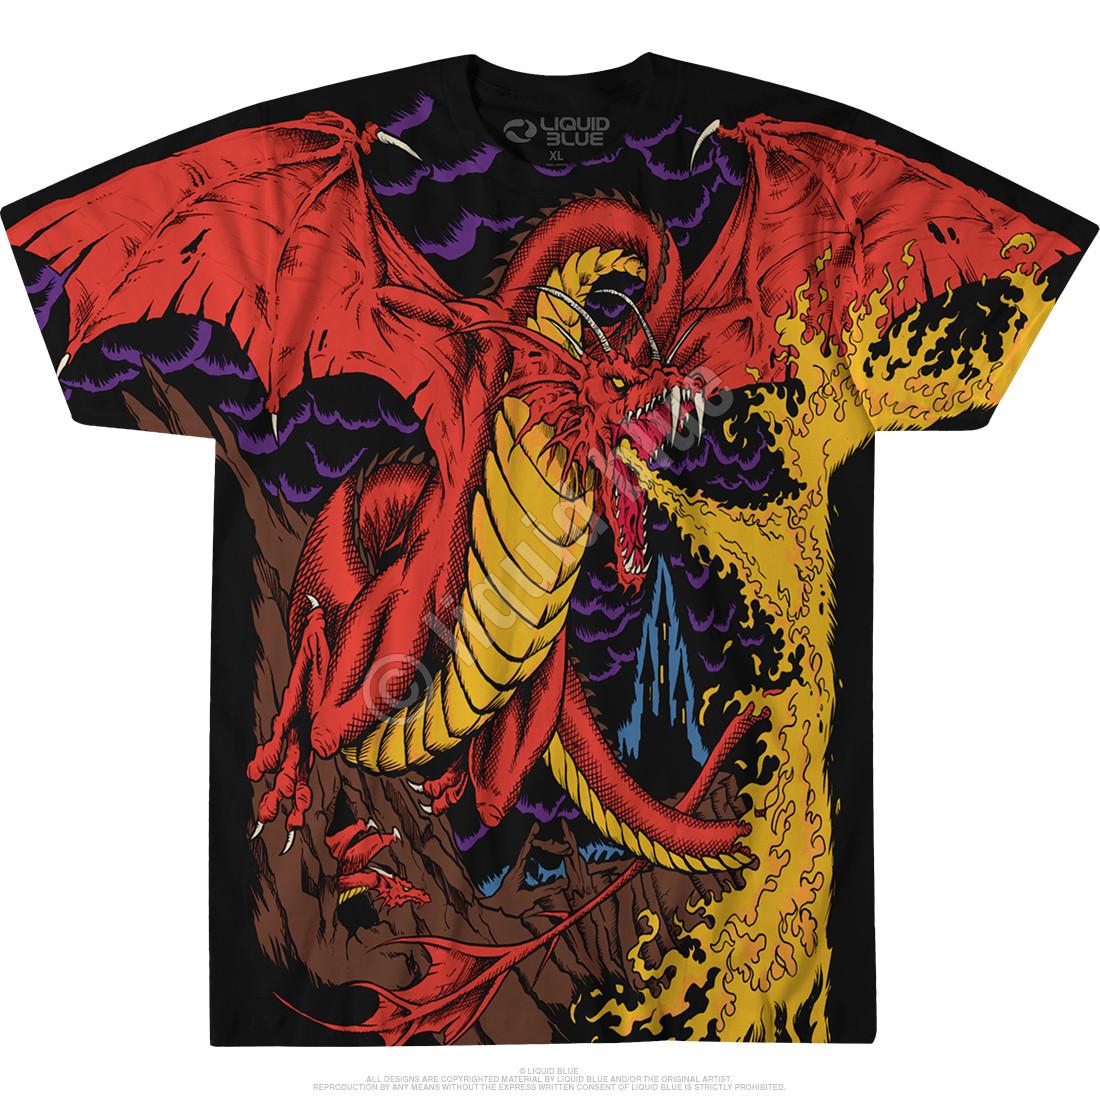 8624e00f8a4d3 Dark Fantasy Dragon Black T-Shirt Tee Liquid Blue